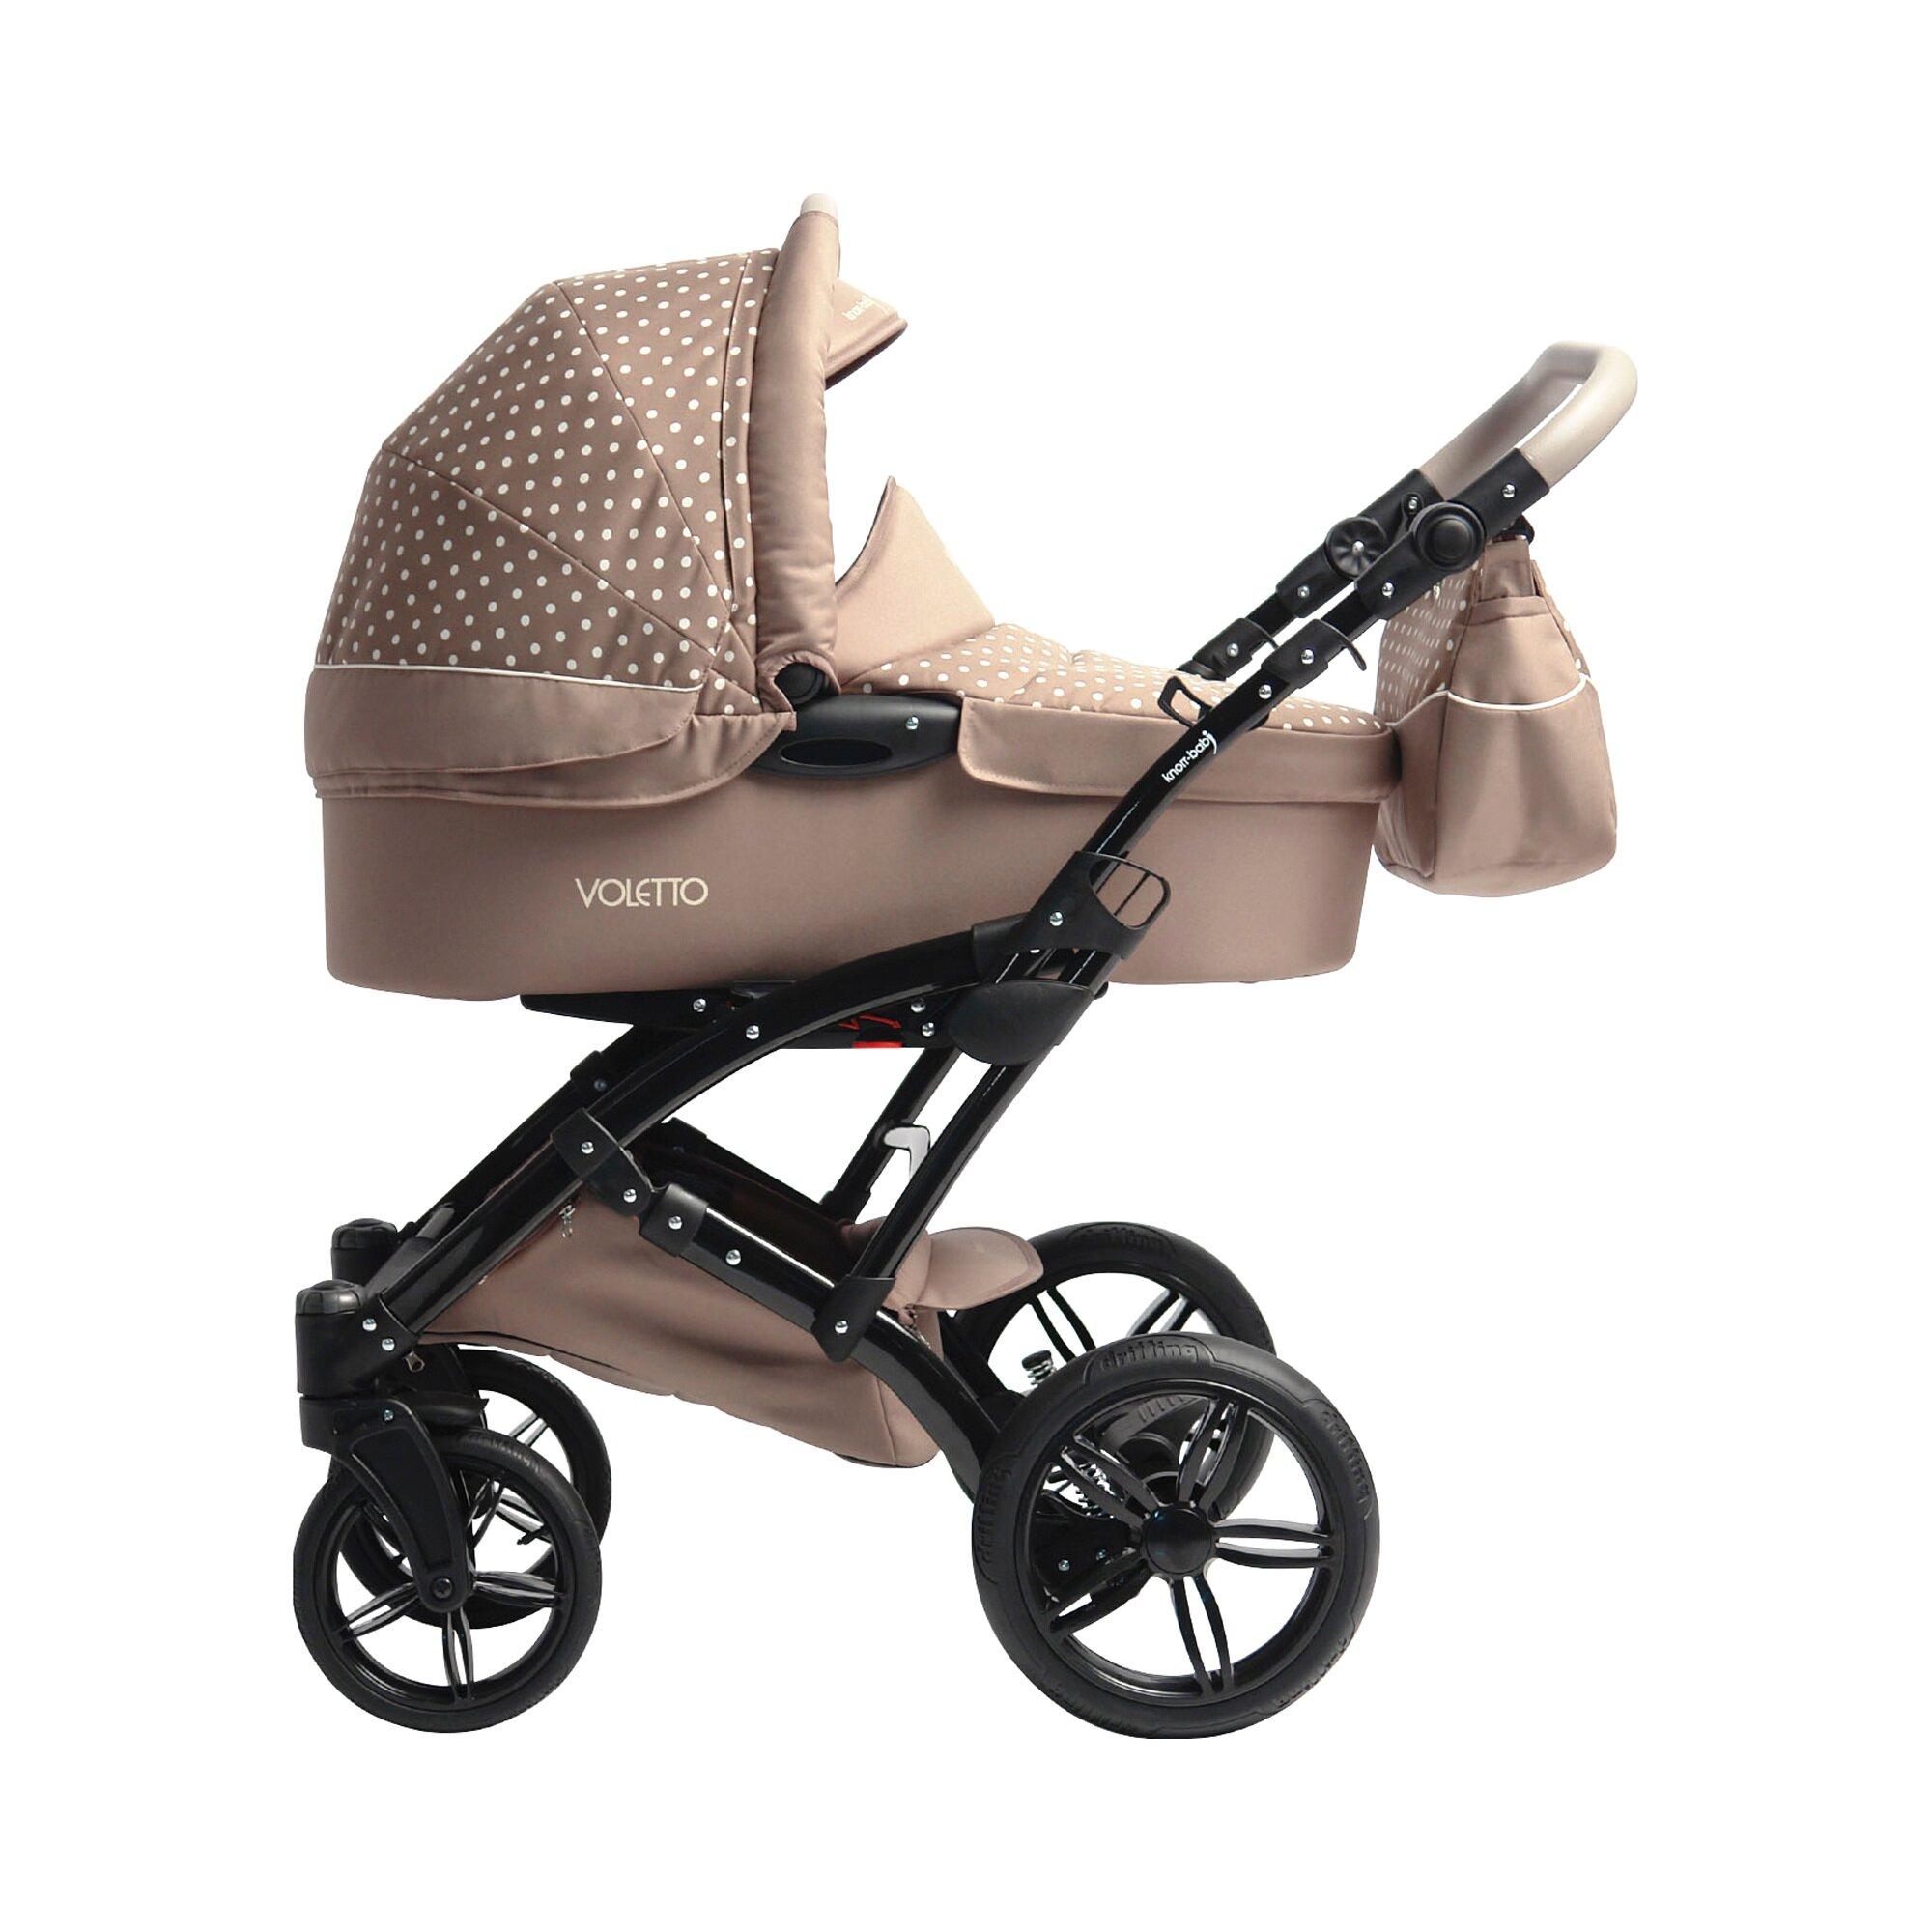 knorr-baby-kombikinderwagen-voletto-beige